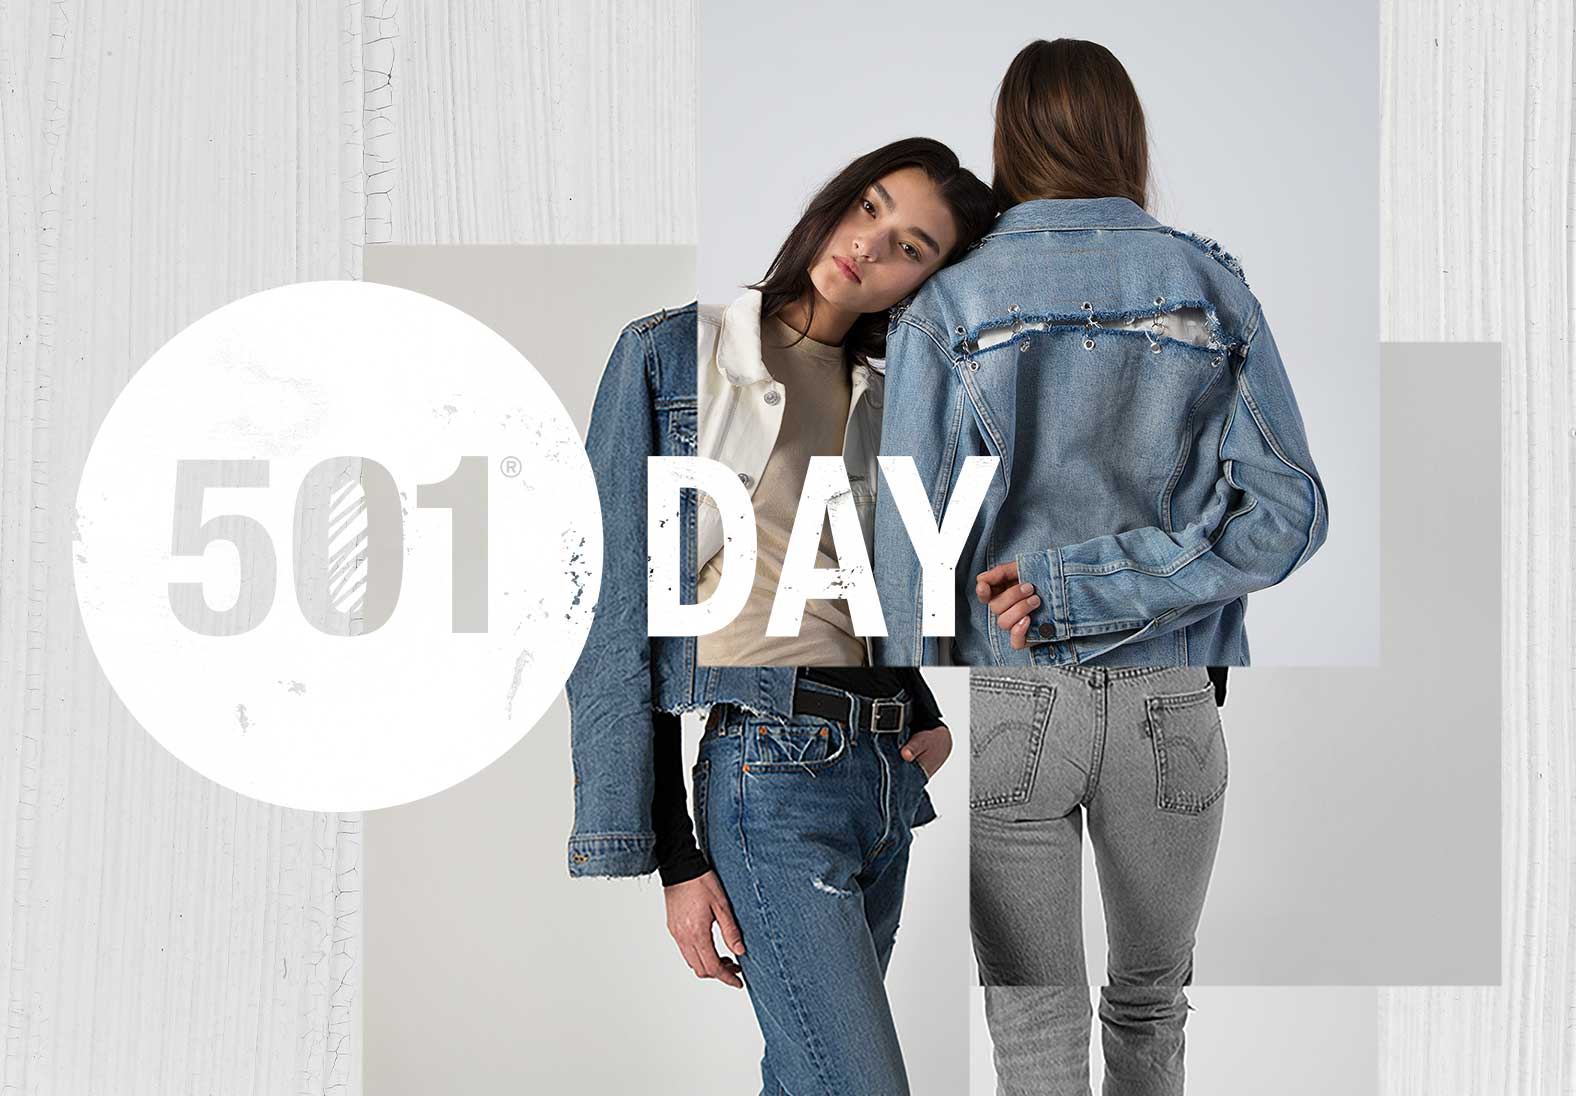 Levi's 501 Day